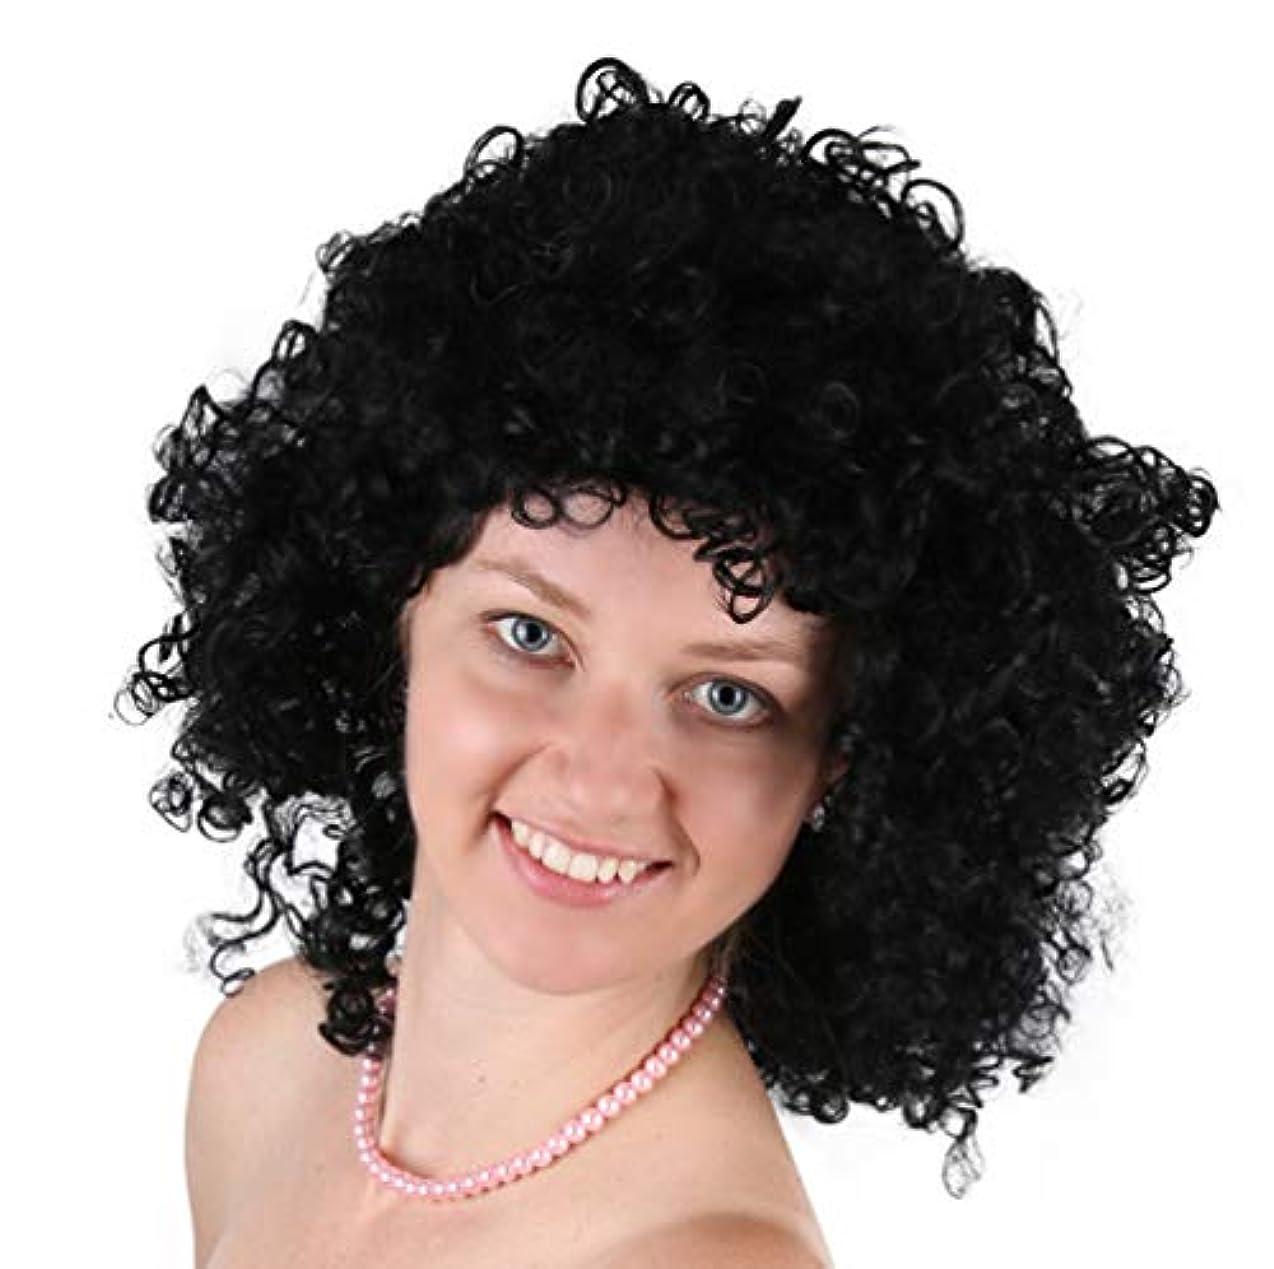 ほとんどの場合シャワーあたたかい男性ファッショナブルなかつらブラジルカーリー合成耐熱繊維髪魅力的なかつら黒45 cm